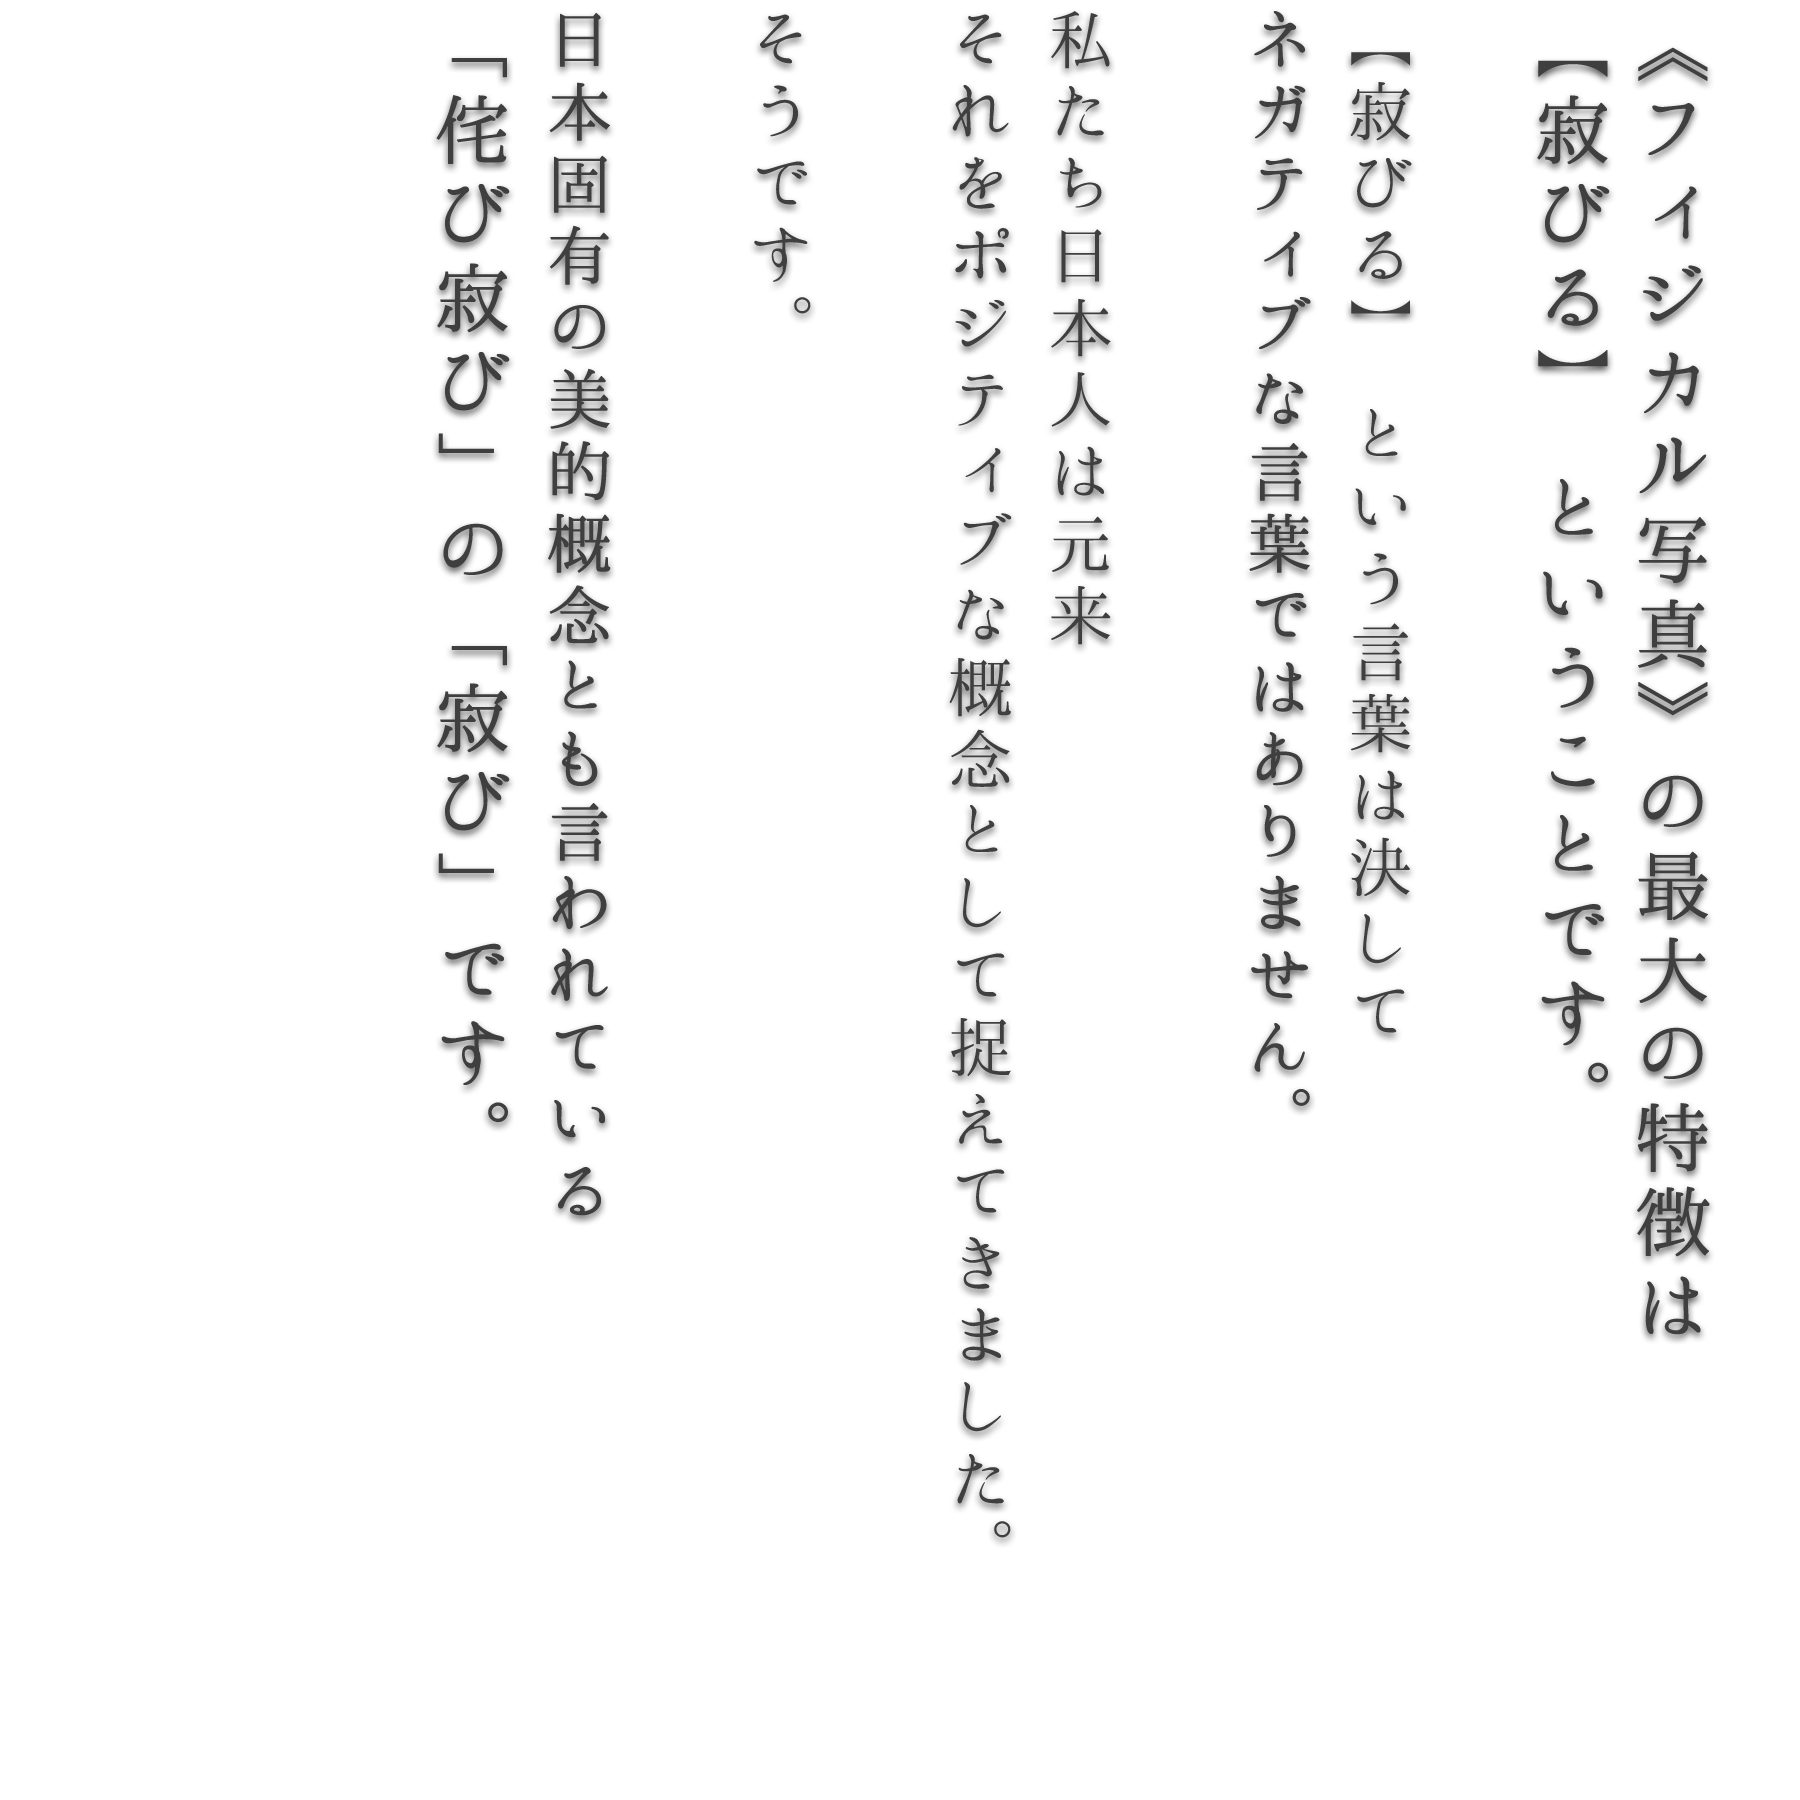 《フィジカル写真》の最大の特徴は 【寂びる】 ということです。  【寂びる】 という言葉は決して ネガティブな言葉ではありません。  私たち日本人は元来 それをポジティブな概念として捉えてきました。  そうです。  日本固有の美的概念とも言われている 「侘び寂び」の「寂び」です。